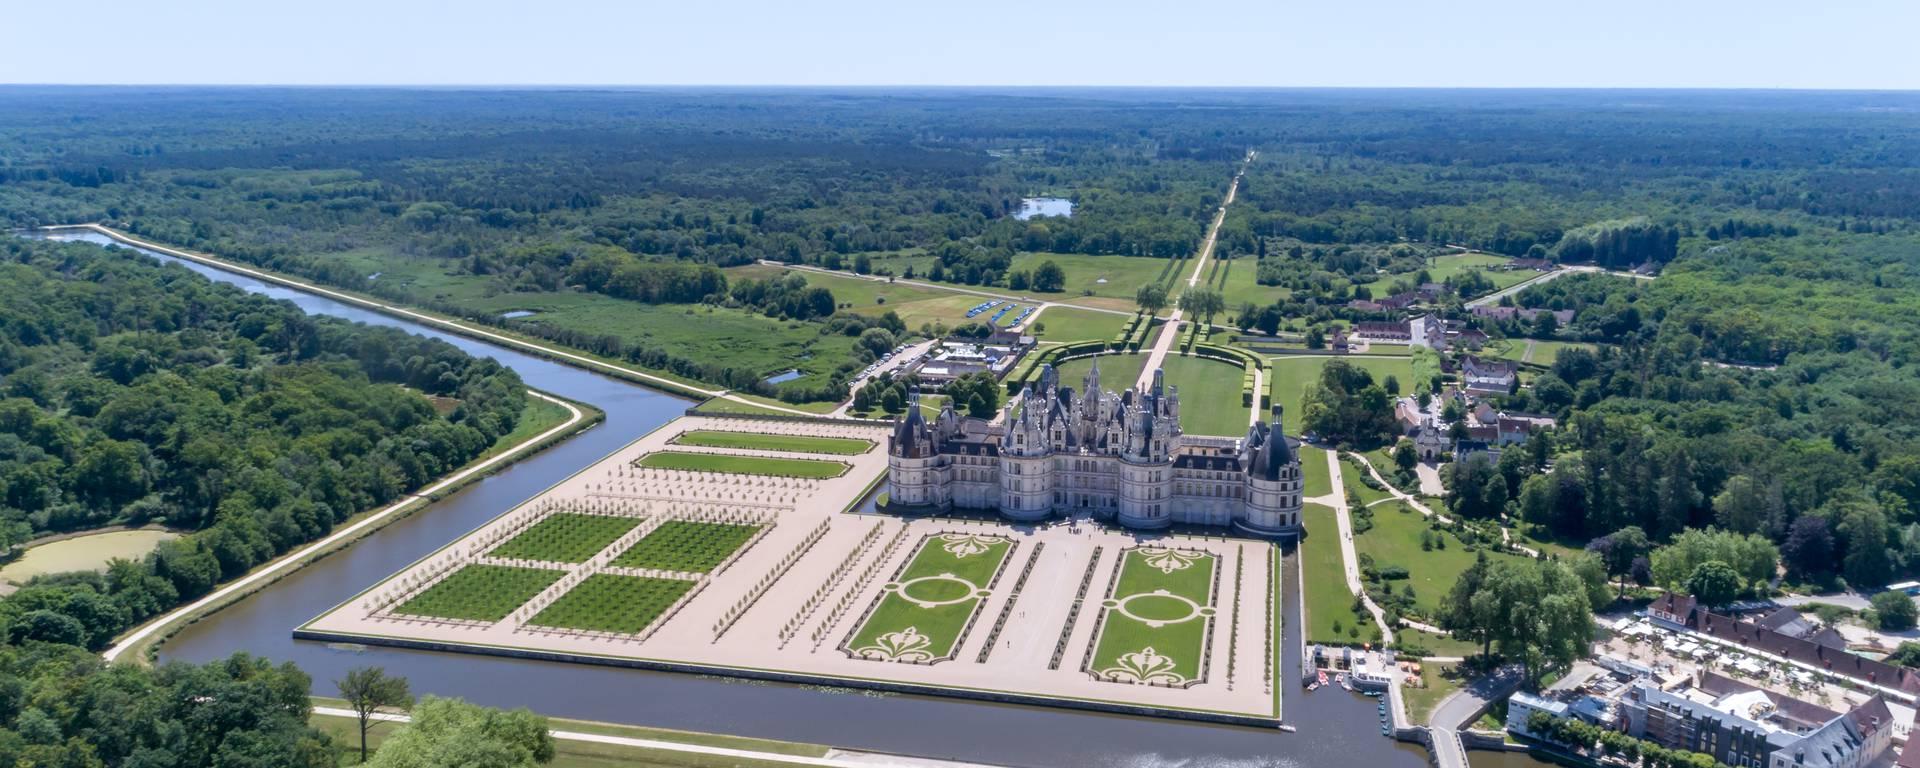 Vue aérienne des jardins de Chambord